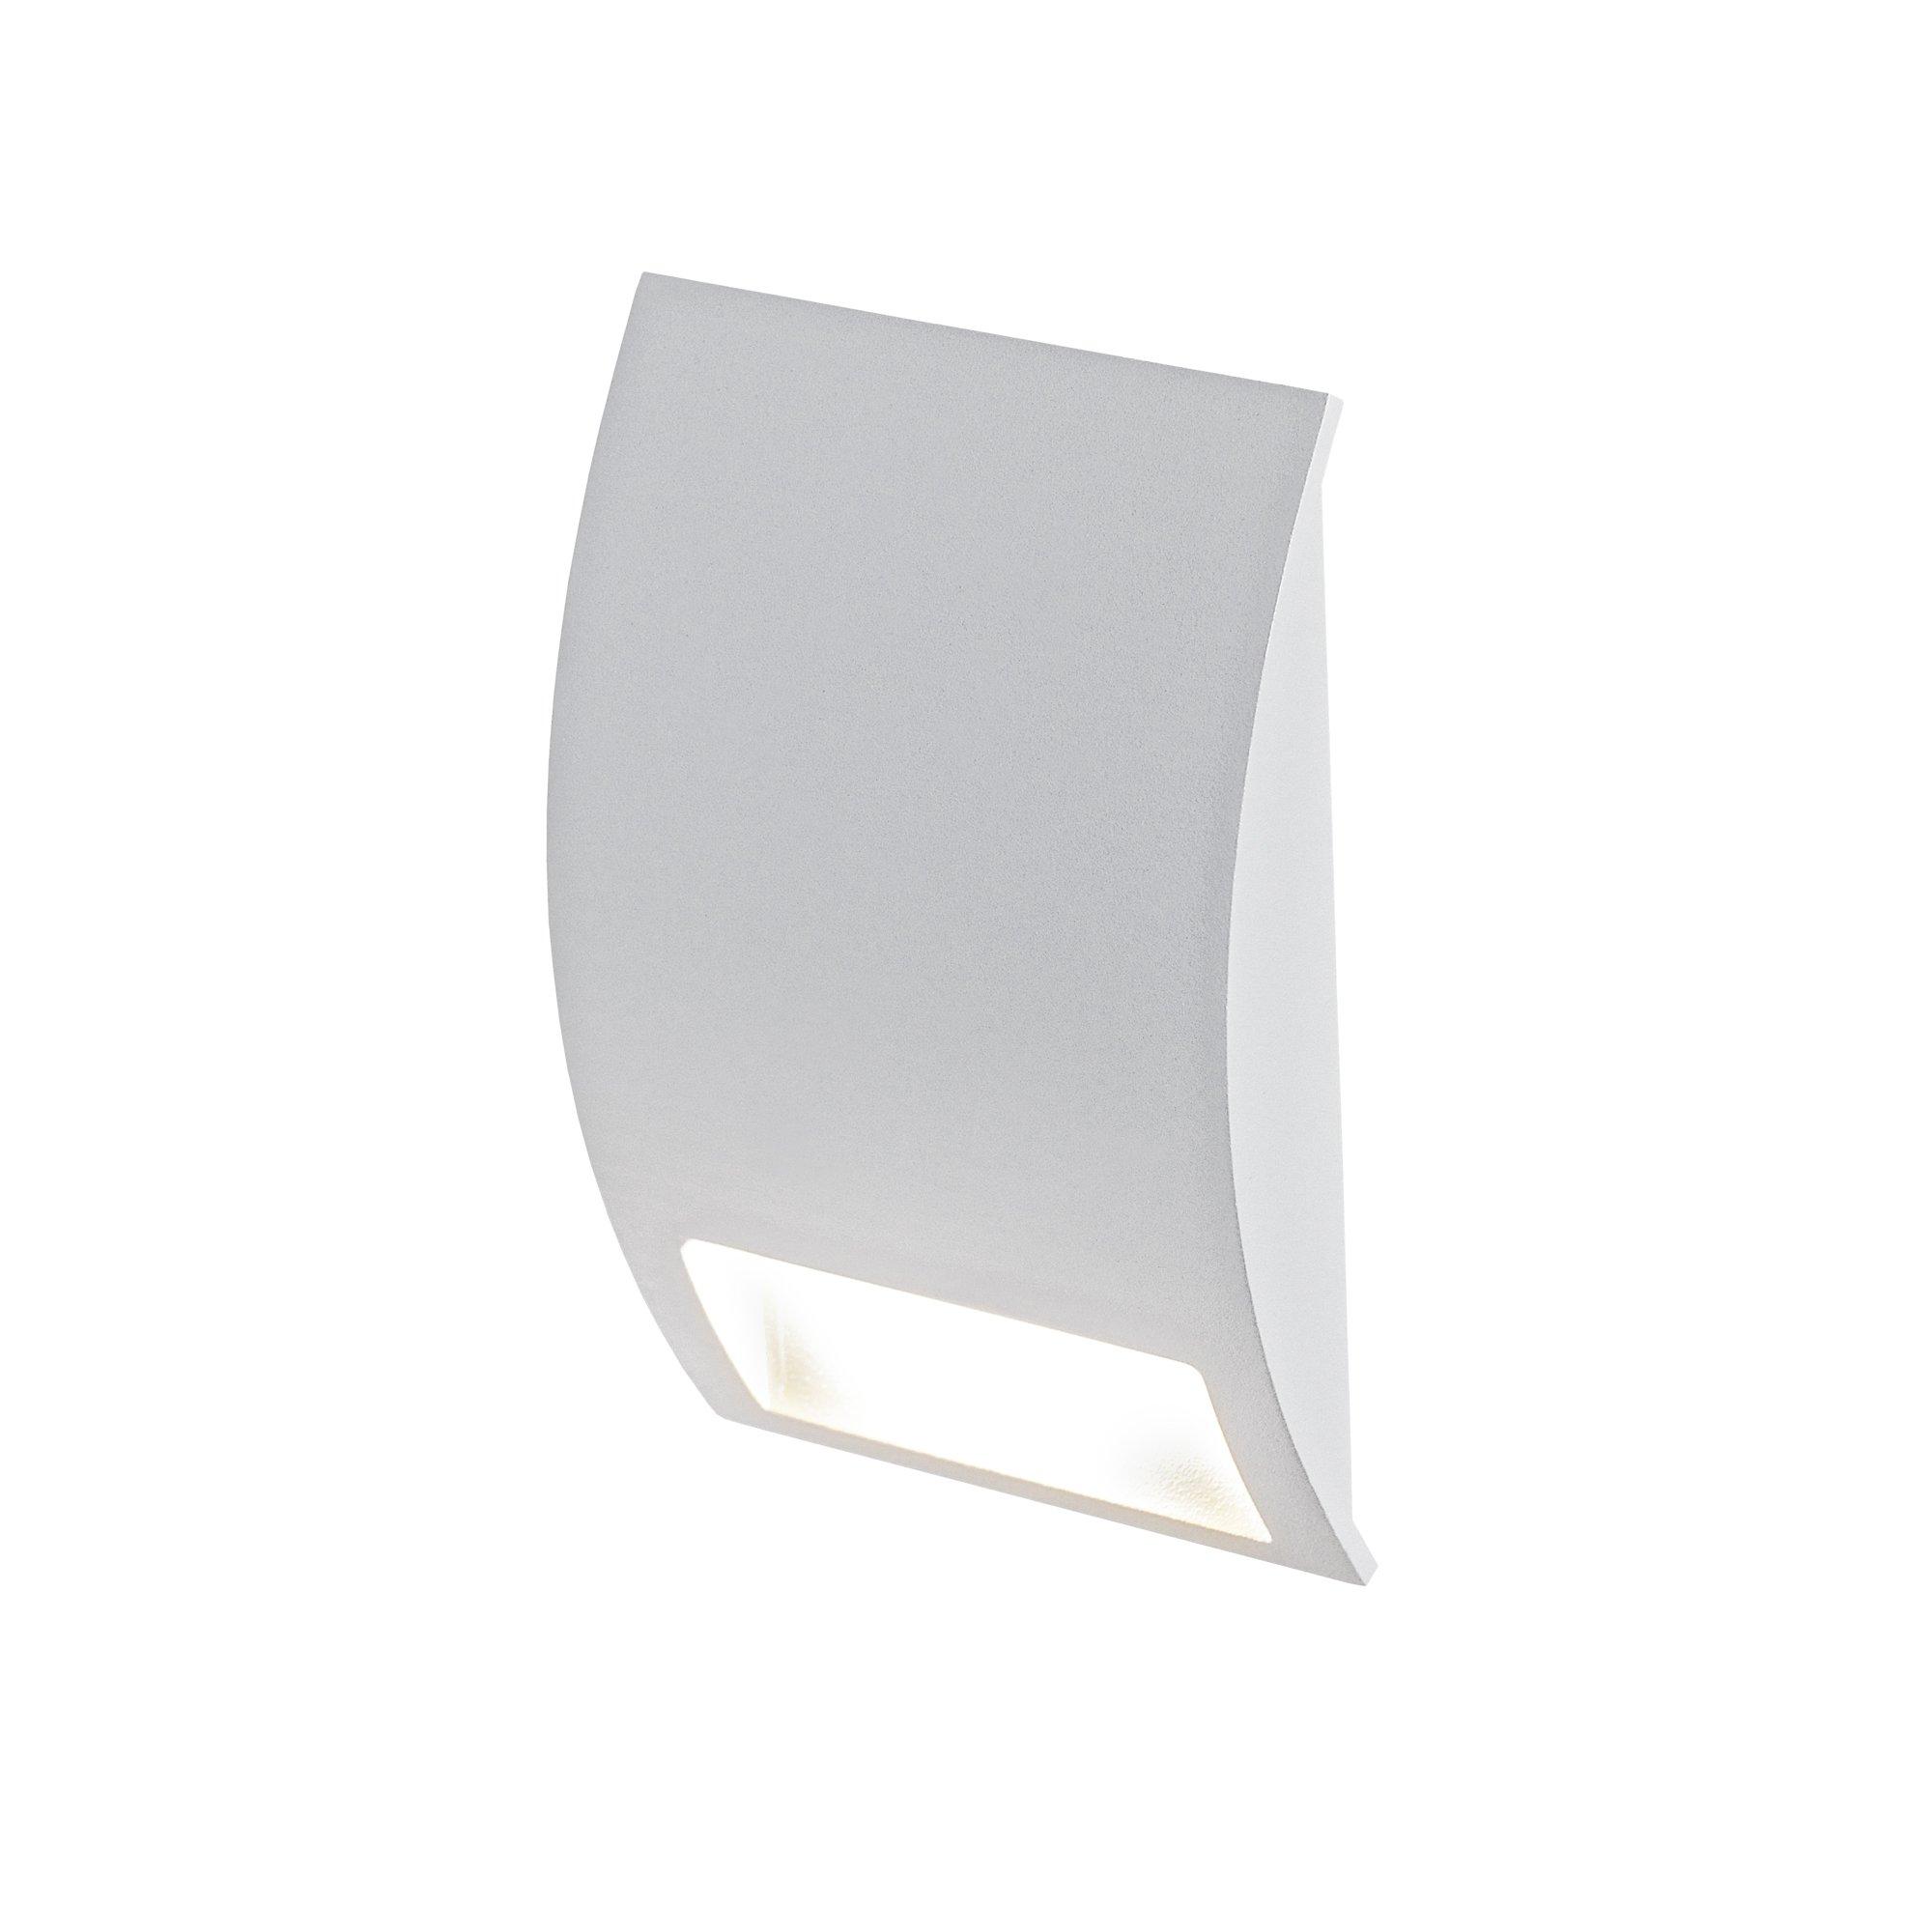 DALS Lighting LEDSTEP003D-SG 3'' Half Moon Indoor/Outdoor LED Step Light 3'', Satin Grey